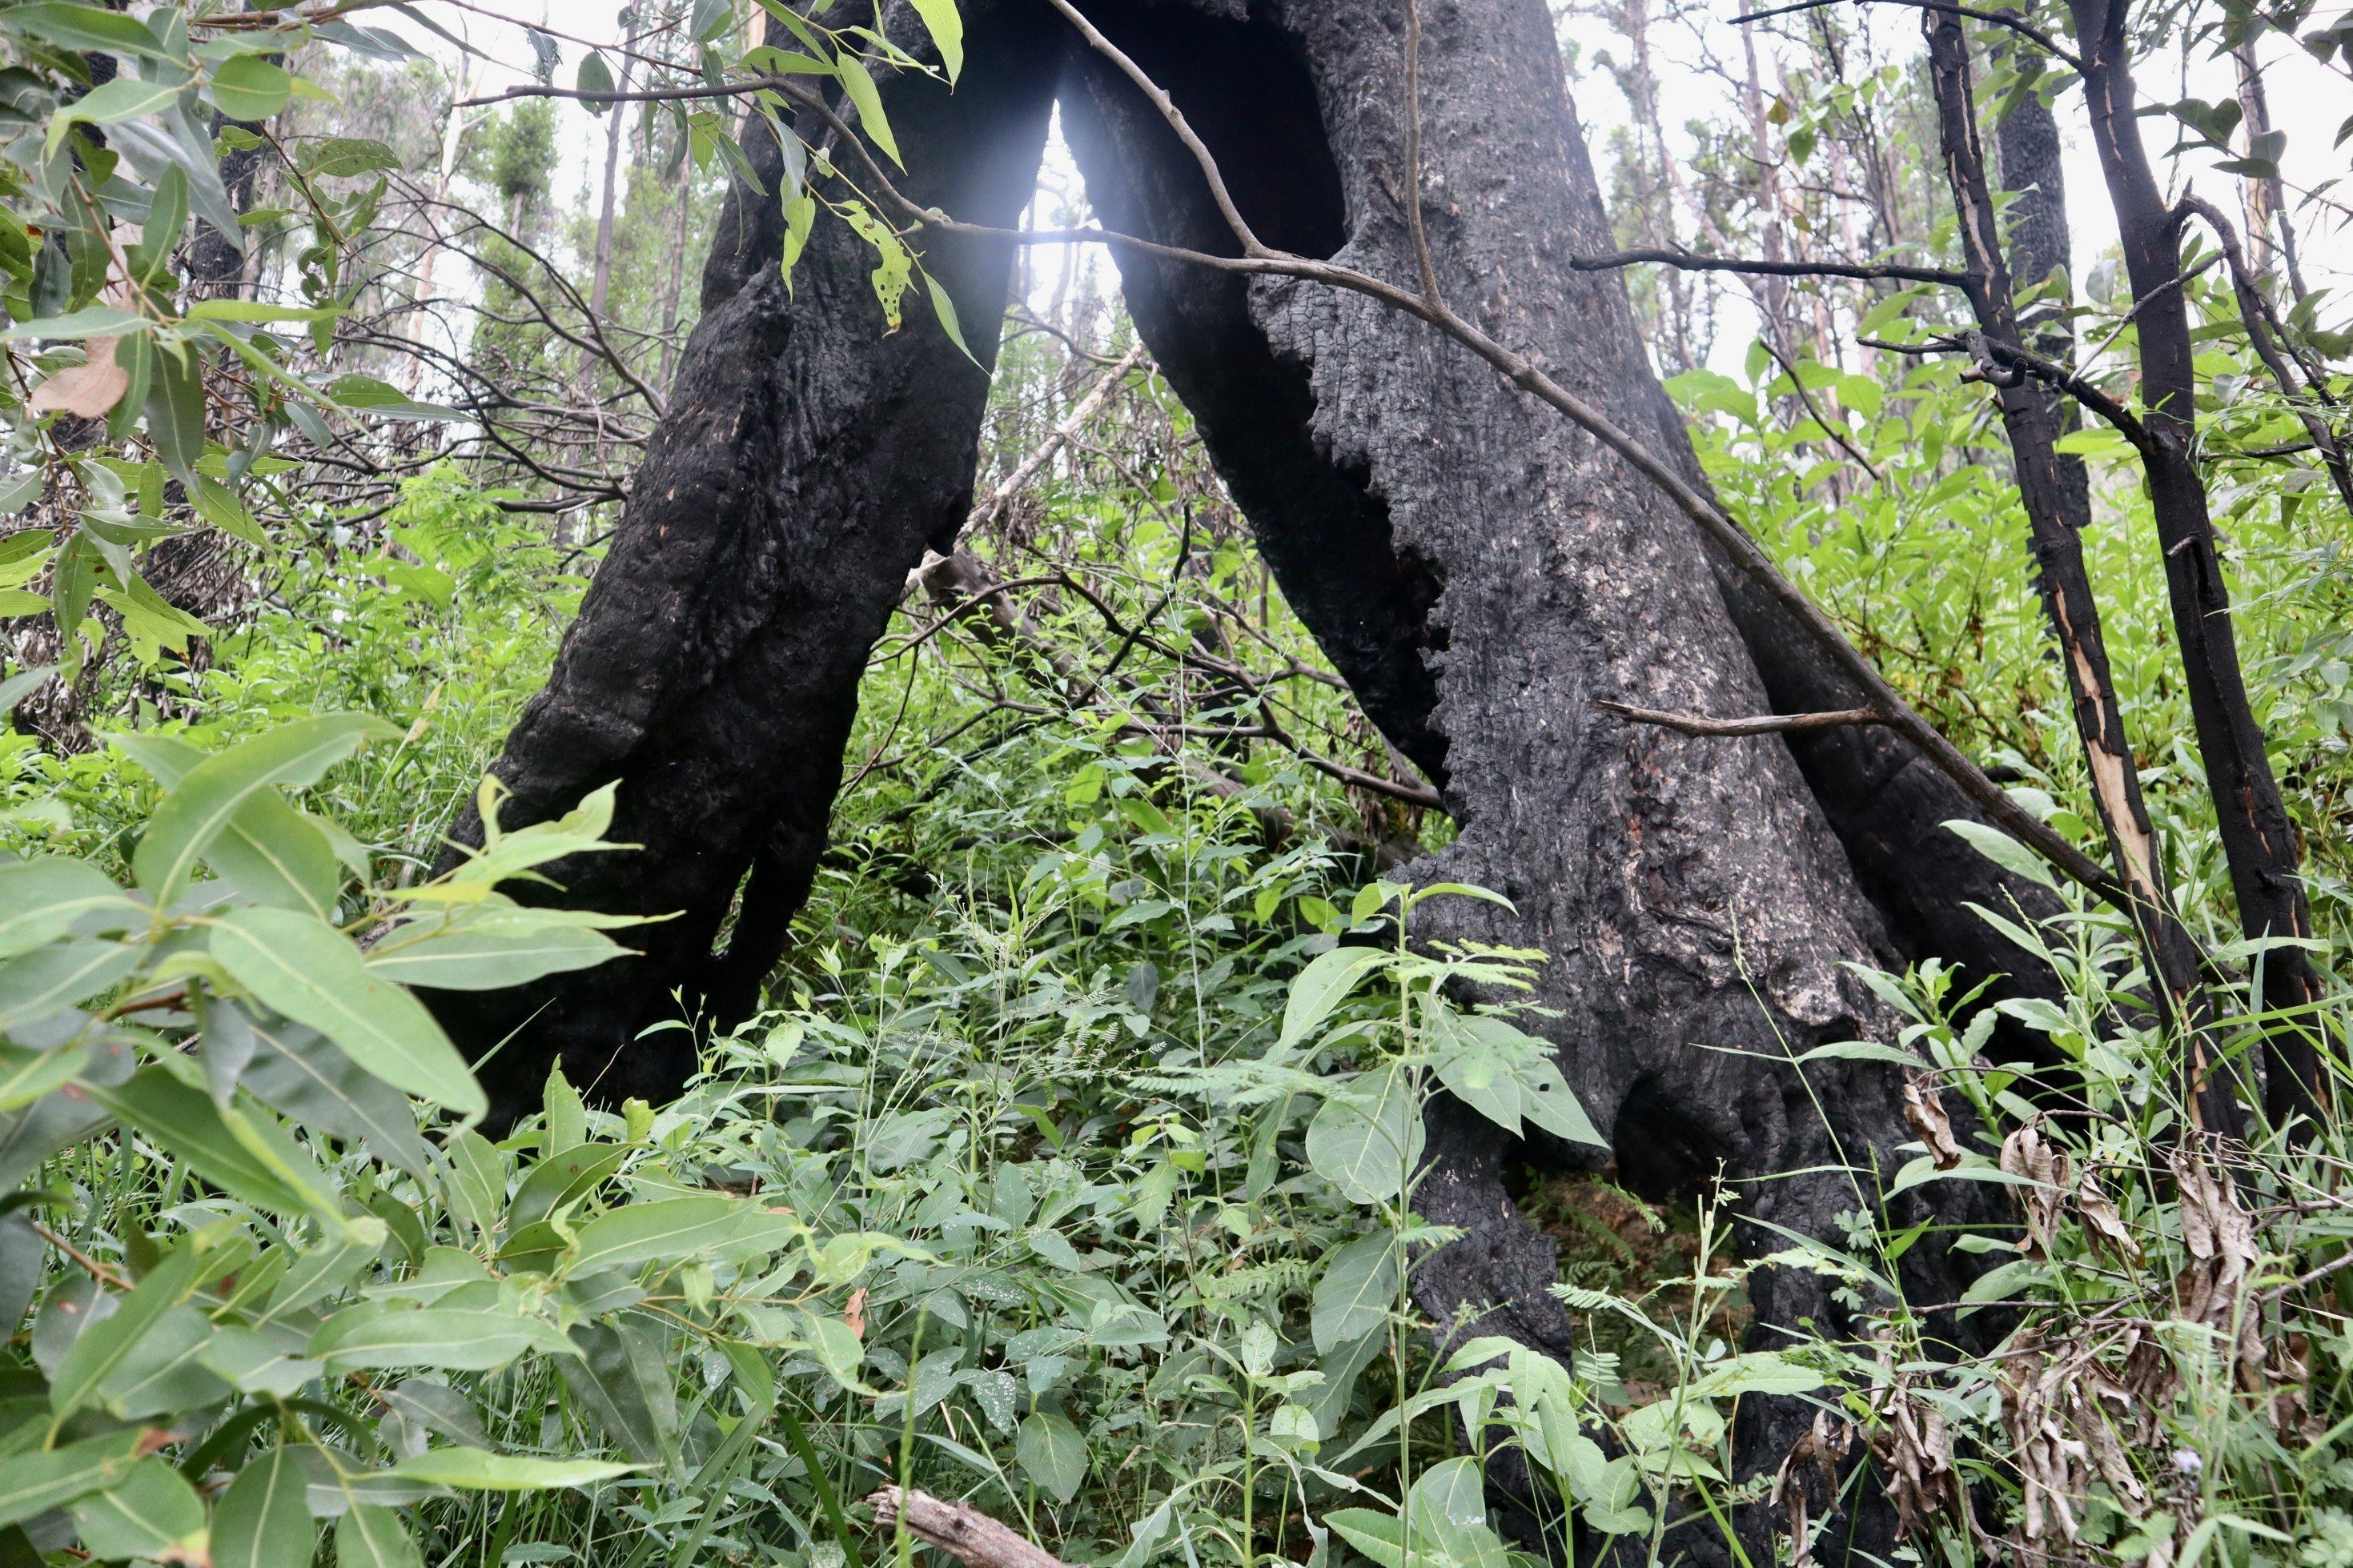 Ein alter, ausgebrannter Baumstumpf vor frischem Grün. Ein Jahr nach dem Feuer sprießt im  Wald hinter Angela Frosts Haus neue Vegetation.